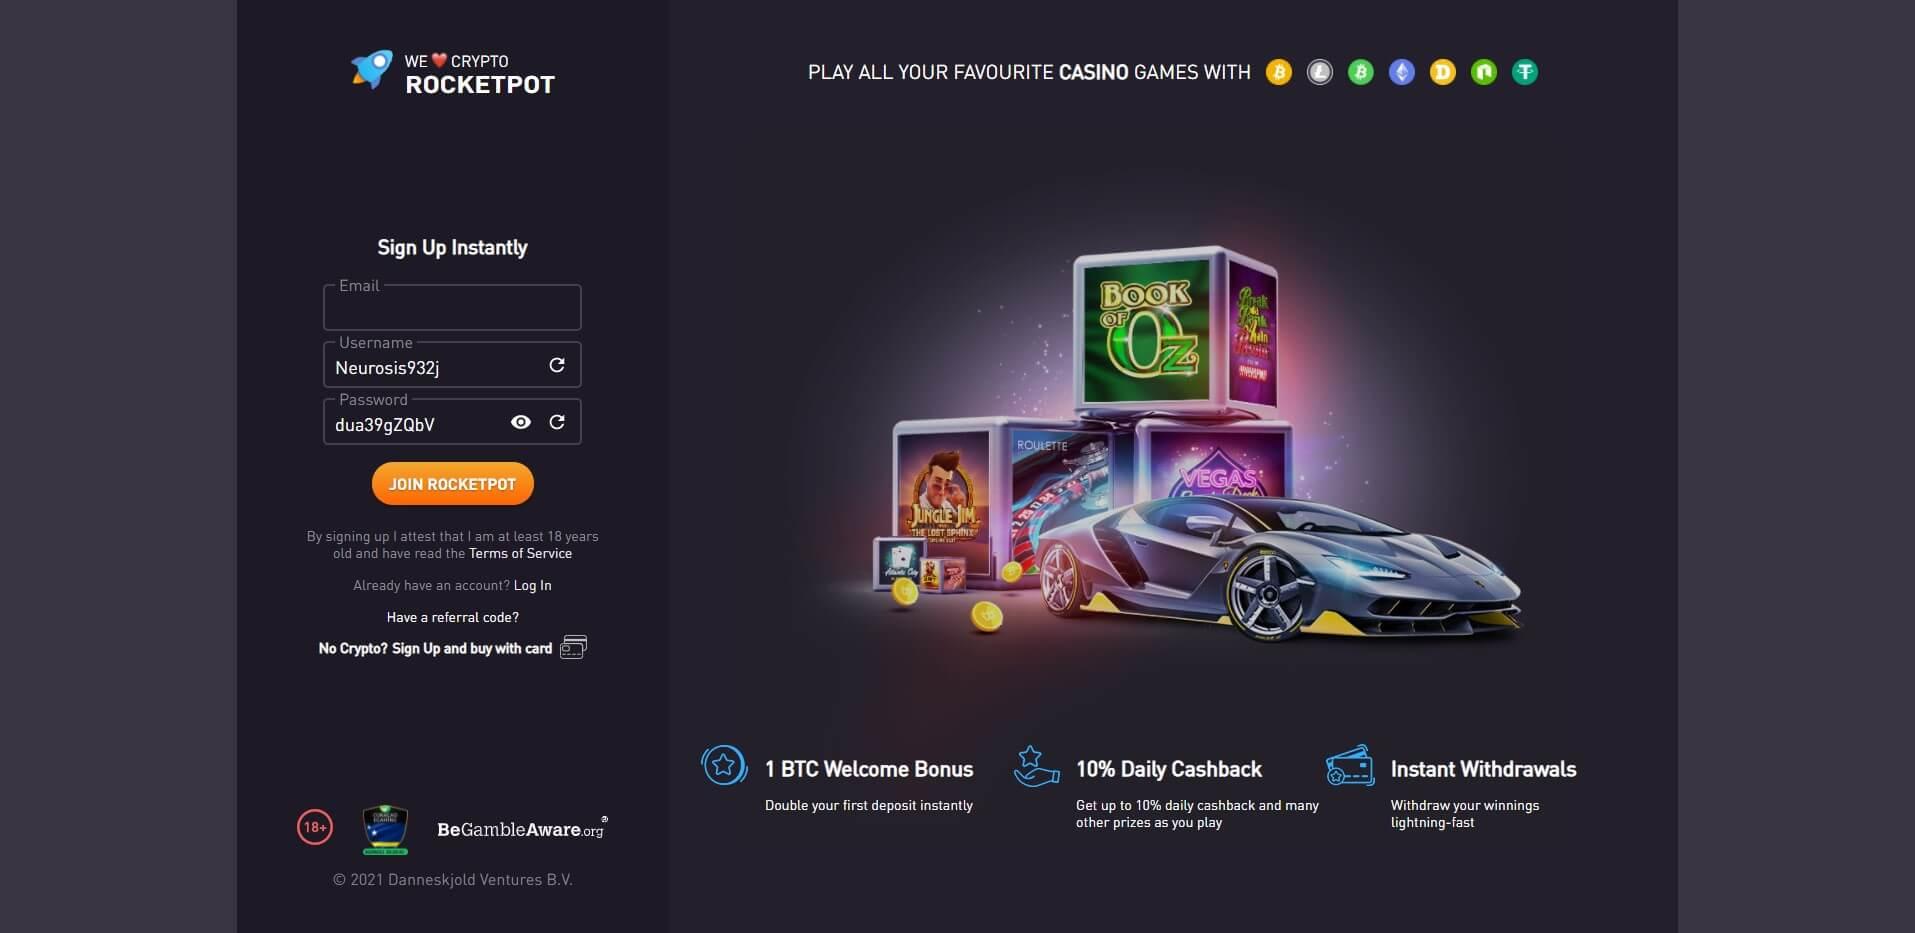 Sign Up at Rocketpot Casino